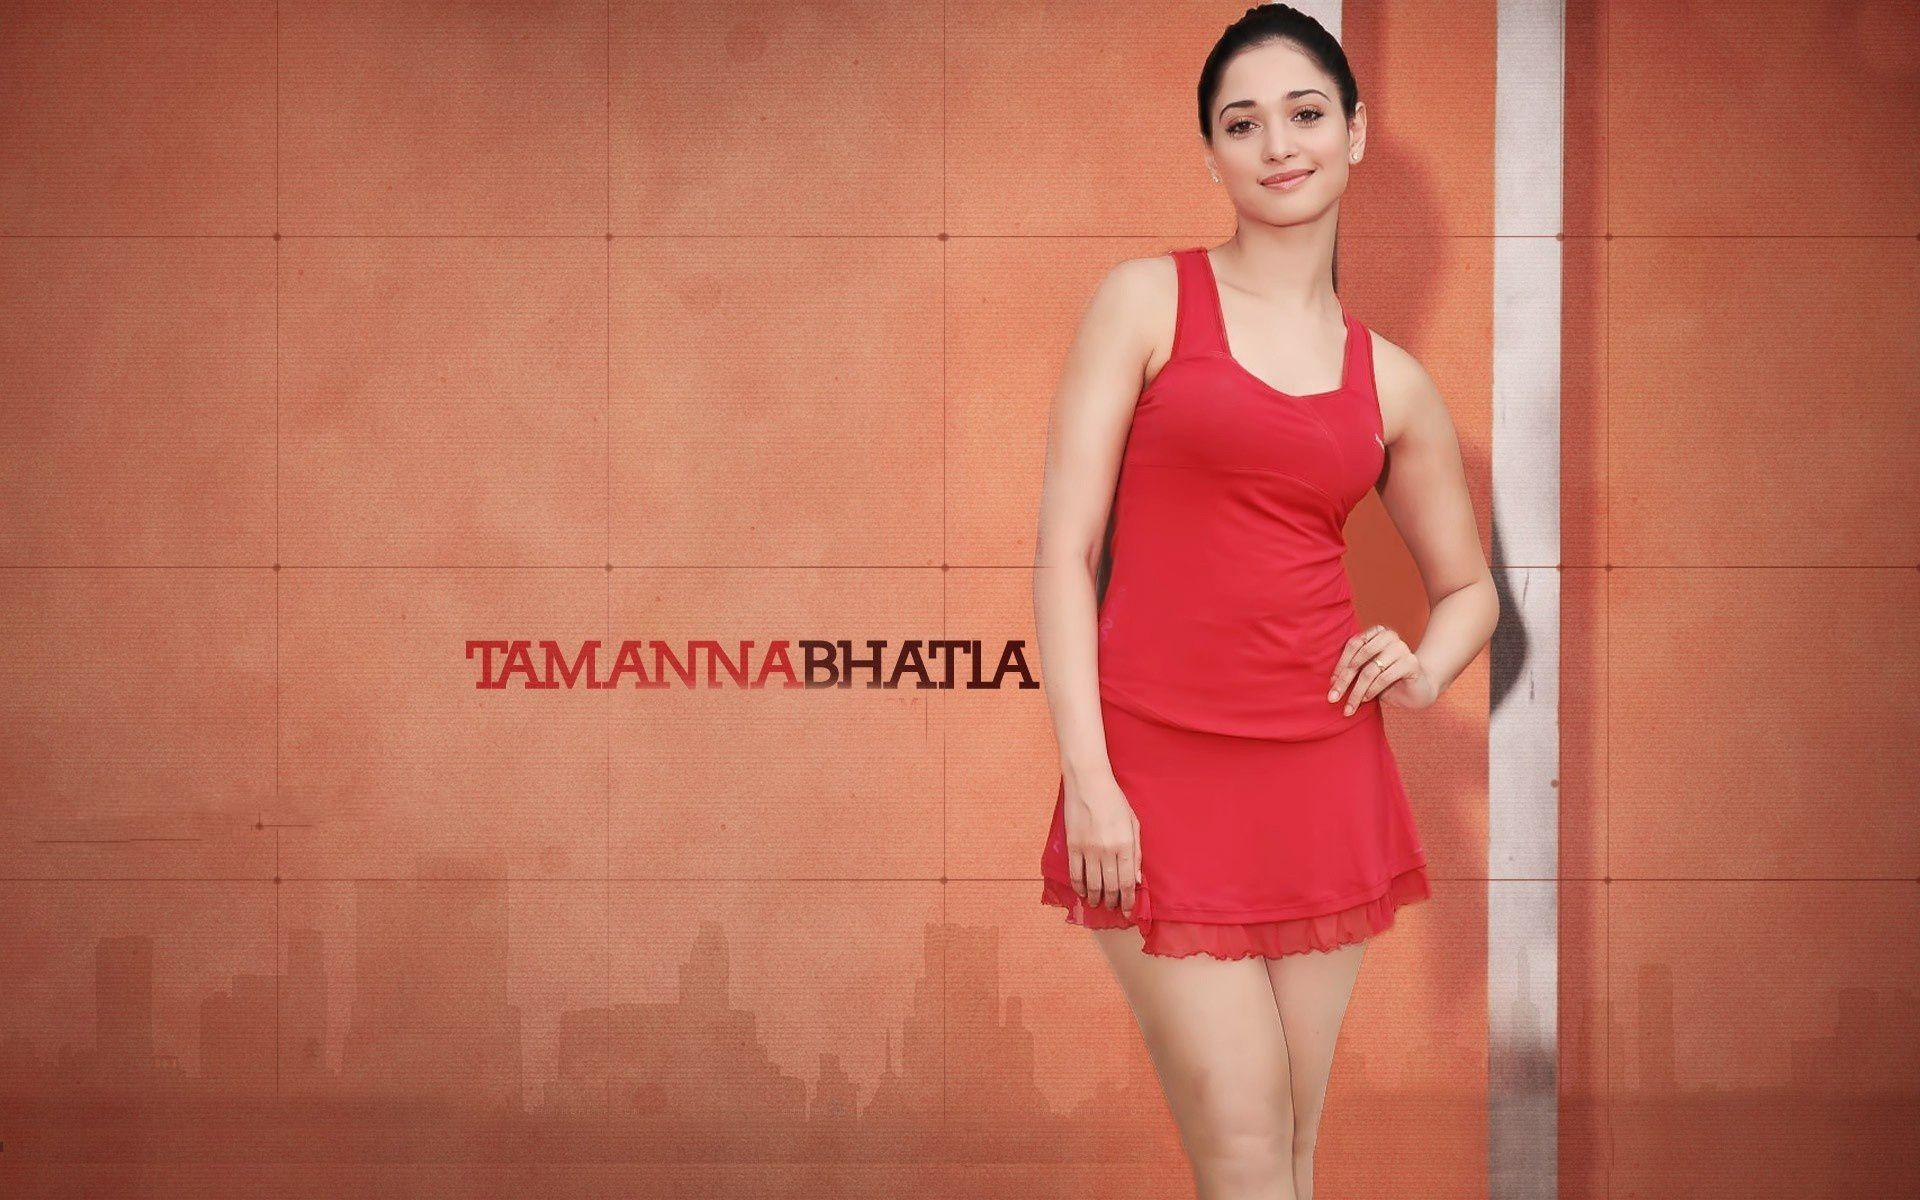 Tamanna Bhatia Wallpapers 1080p: Tamanna Bhatia Wallpapers HD 2016